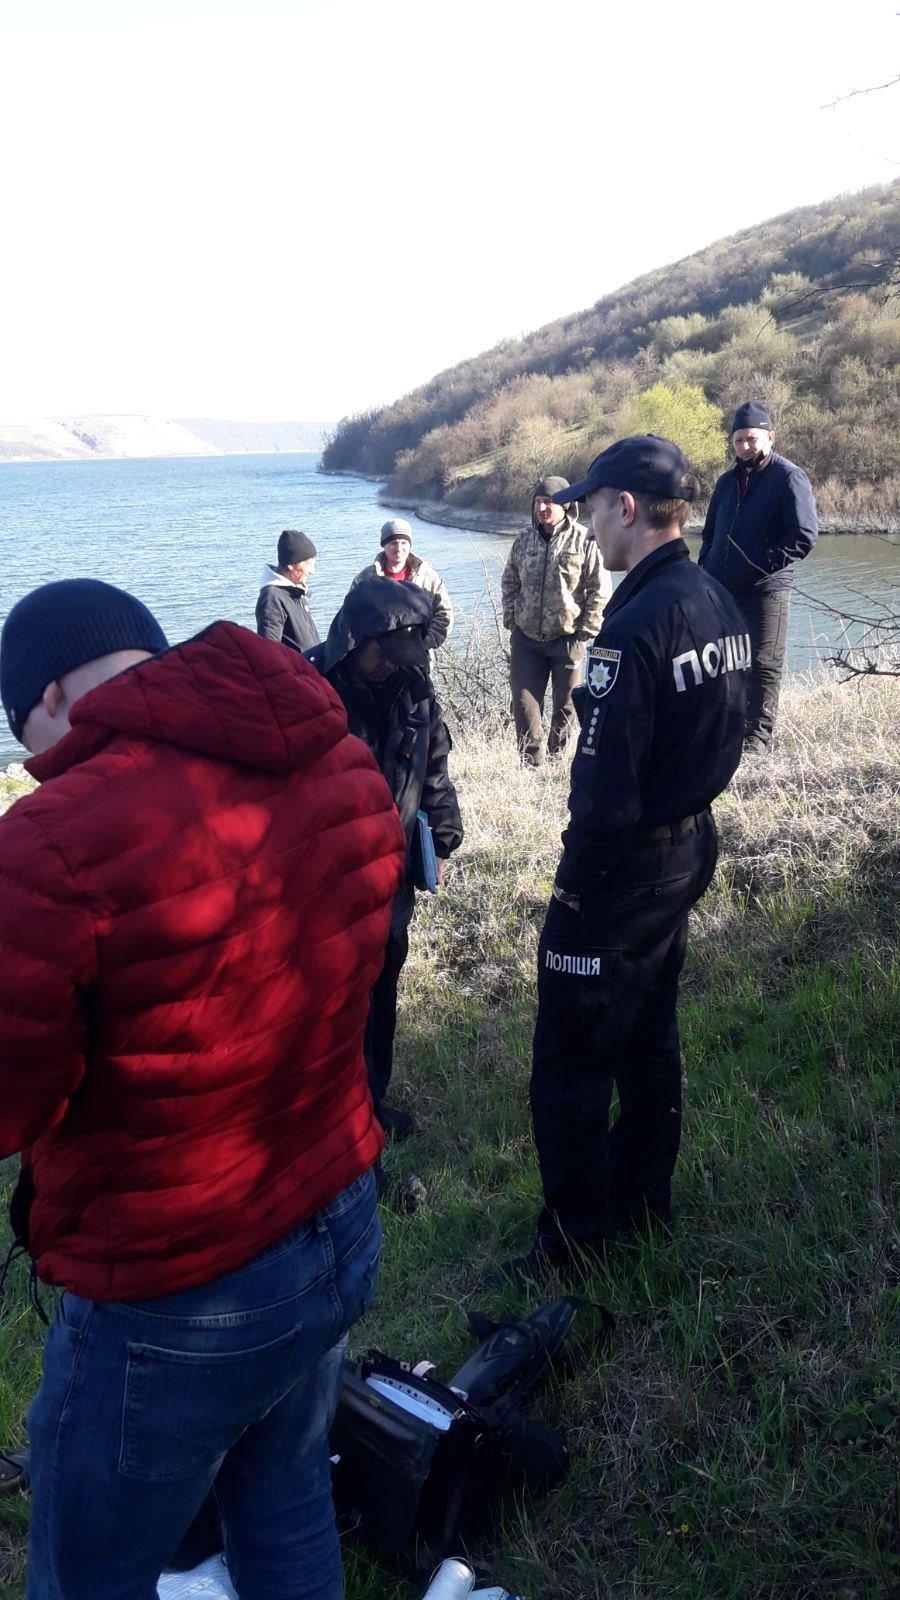 Жителя Кам'янеччини оштрафували за ловлю риби сіткою , фото-1, Фото: Державна екологічна інспекція у Хмельницькій області